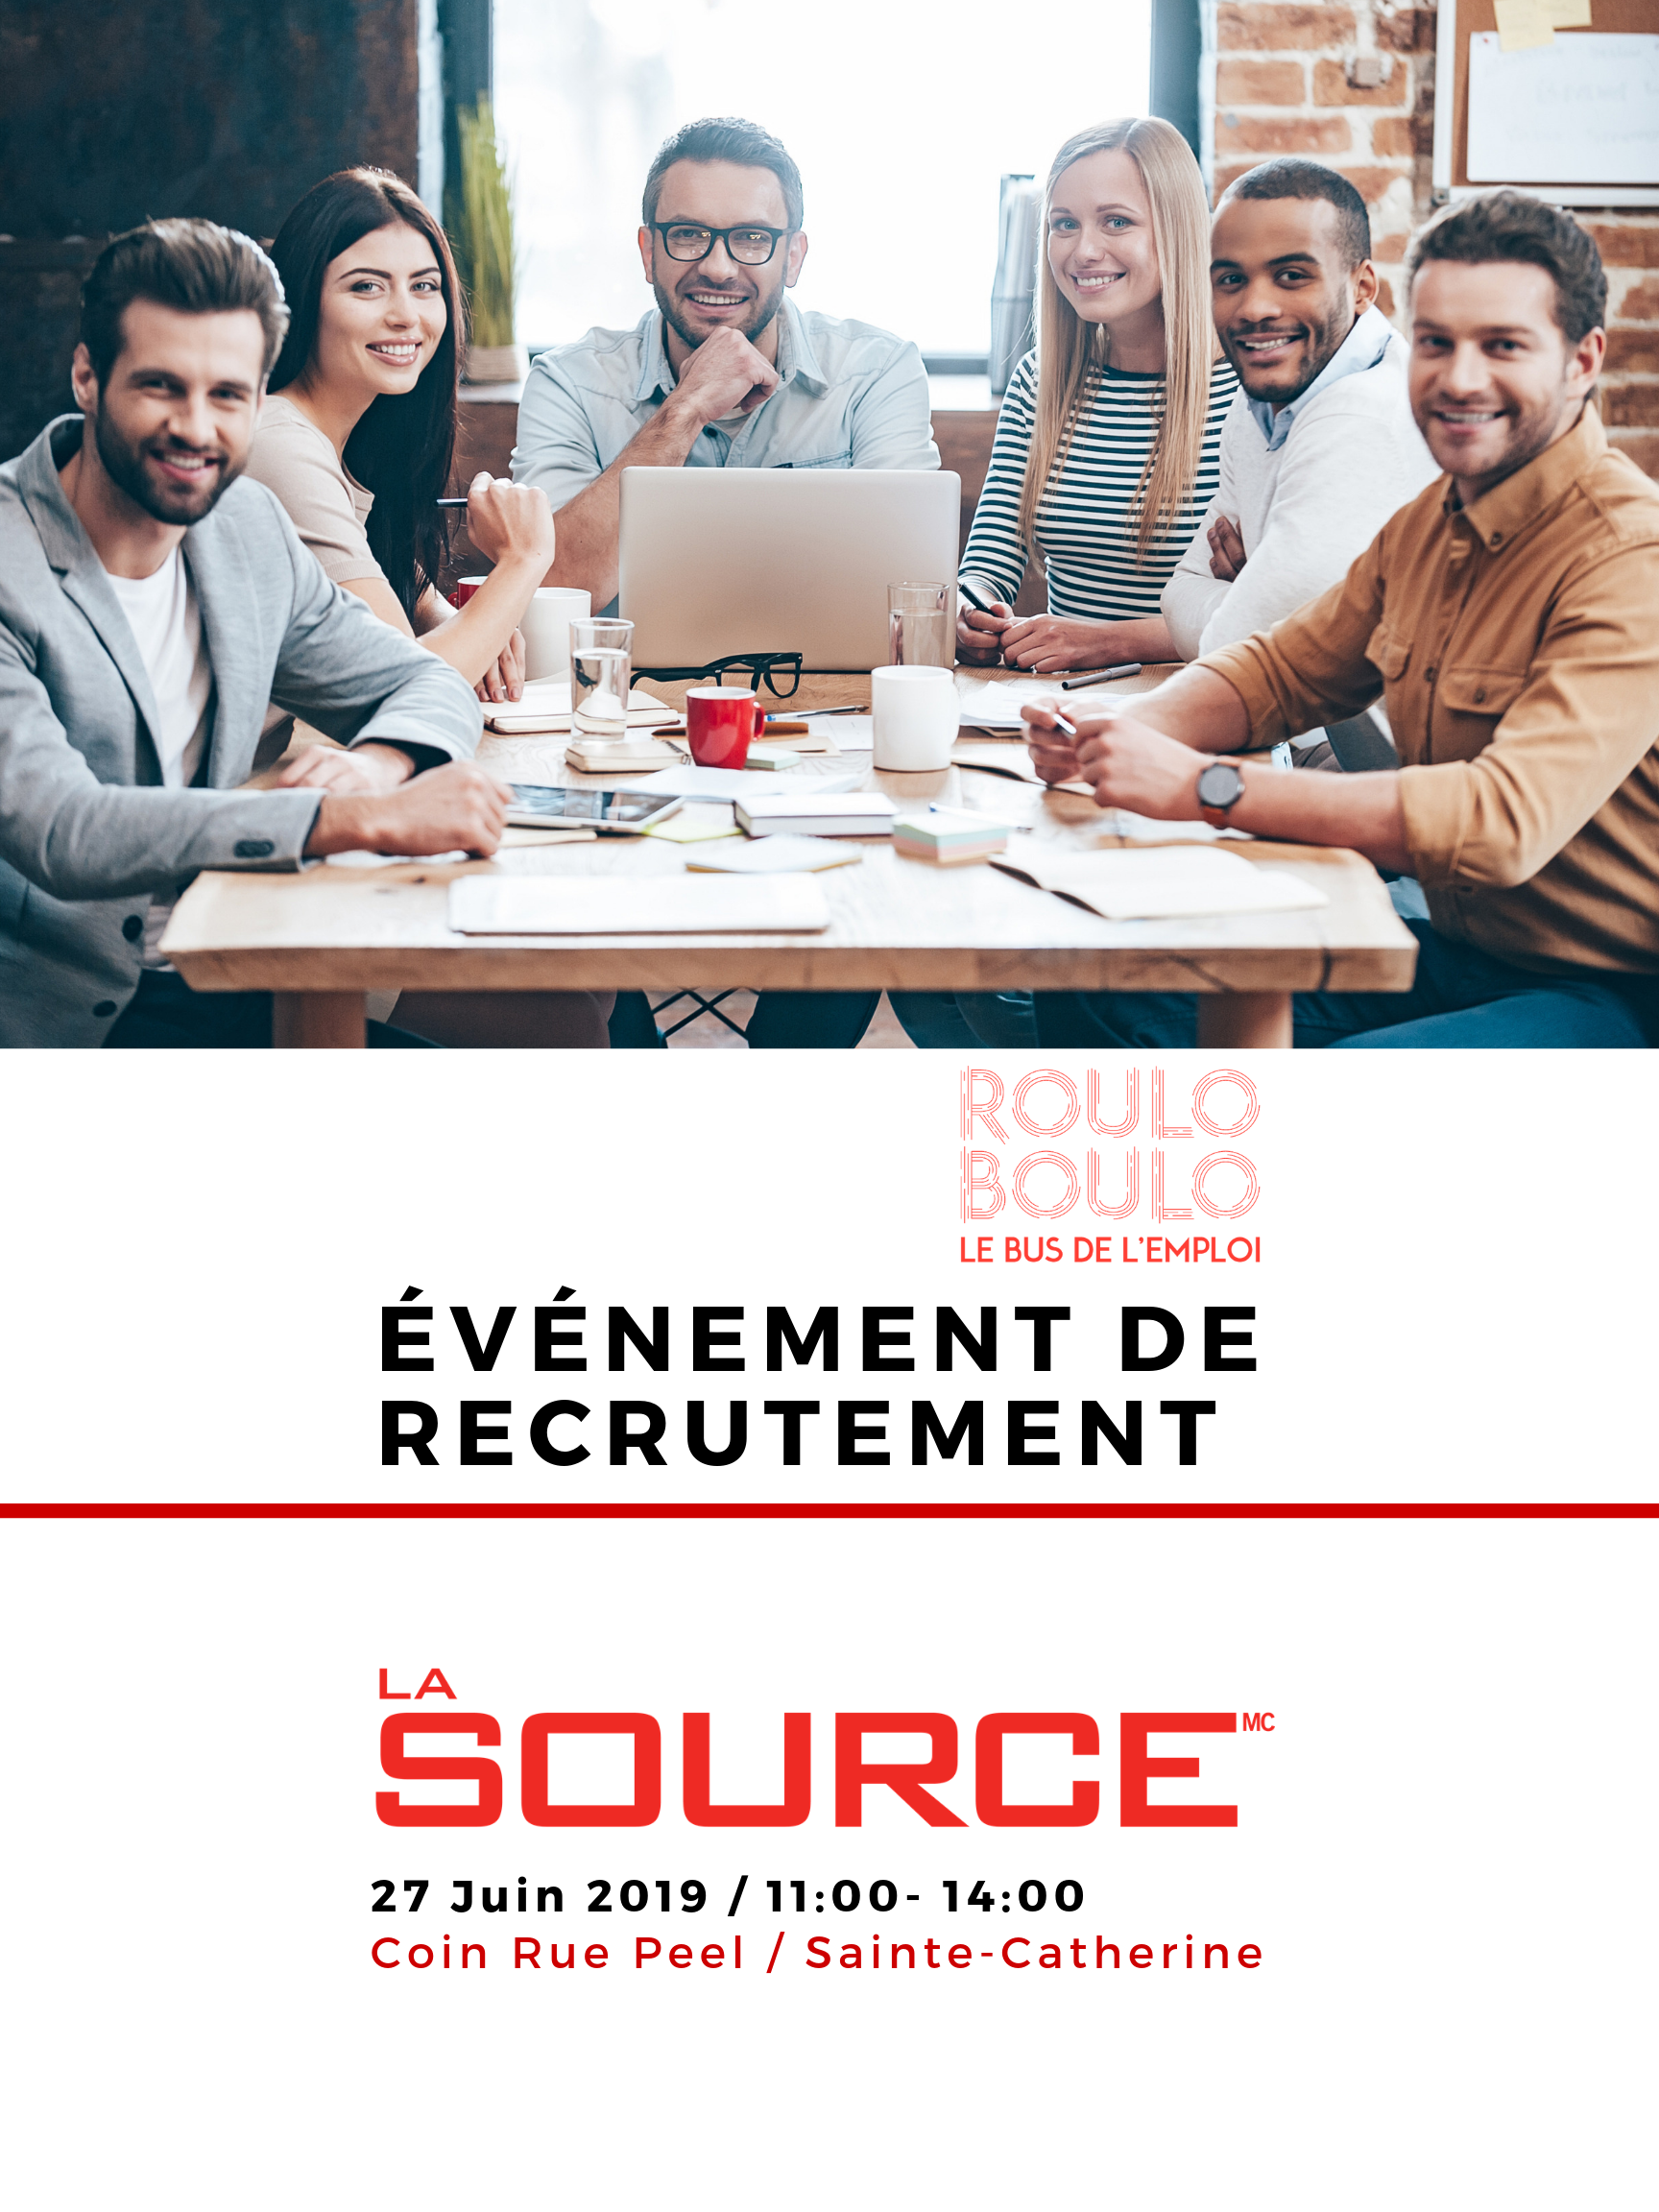 Image ÉVÉNEMENT DE RECRUTEMENT – LA SOURCE